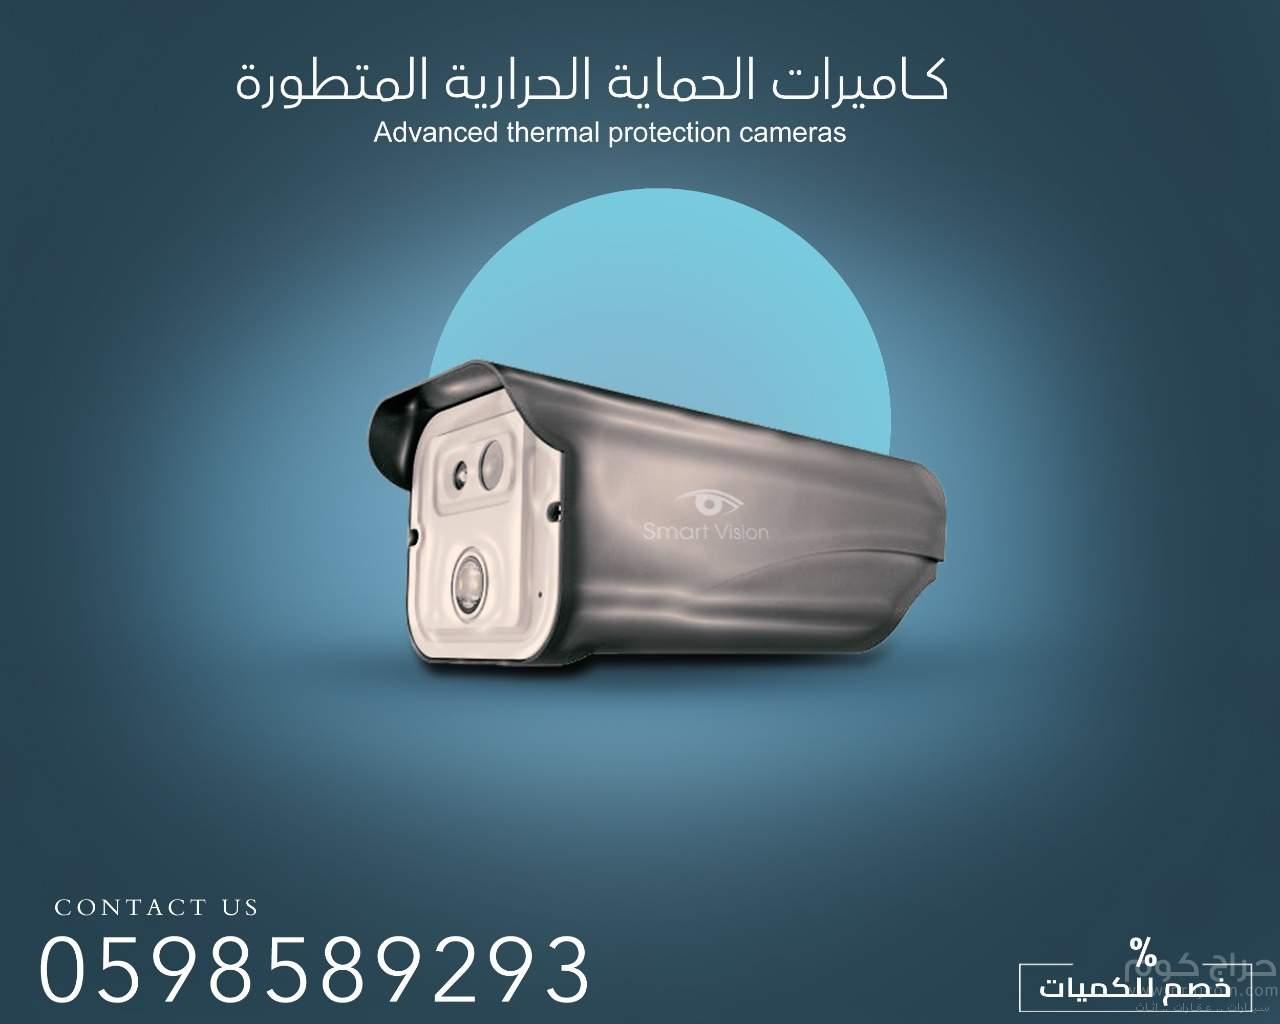 كاميرات حرارية بأسعار مميزة